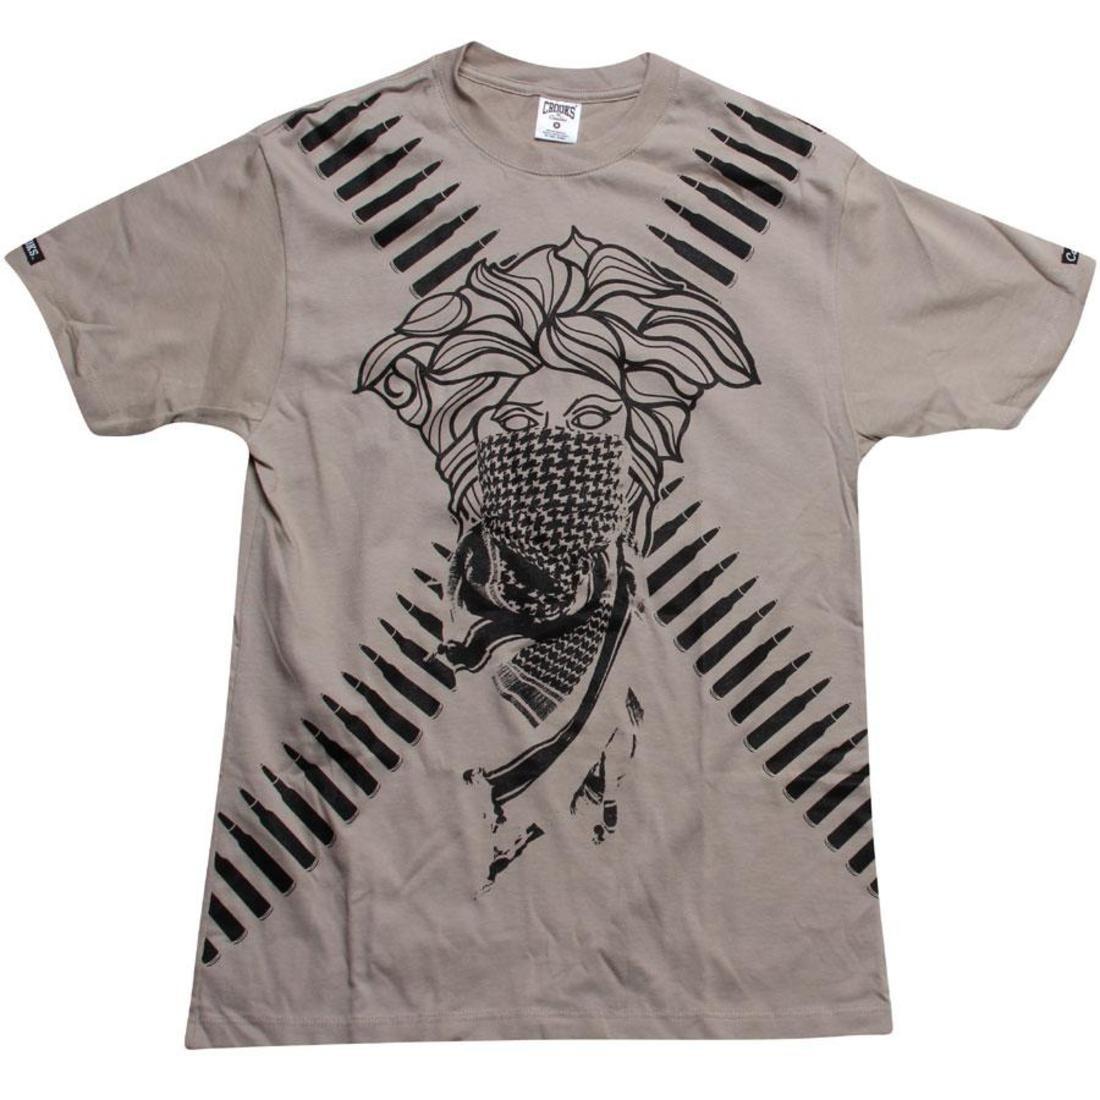 【海外限定】Tシャツ メンズファッション カットソー 【 CROOKS AND CASTLES REVOLT BANDITO TEE SAND 】